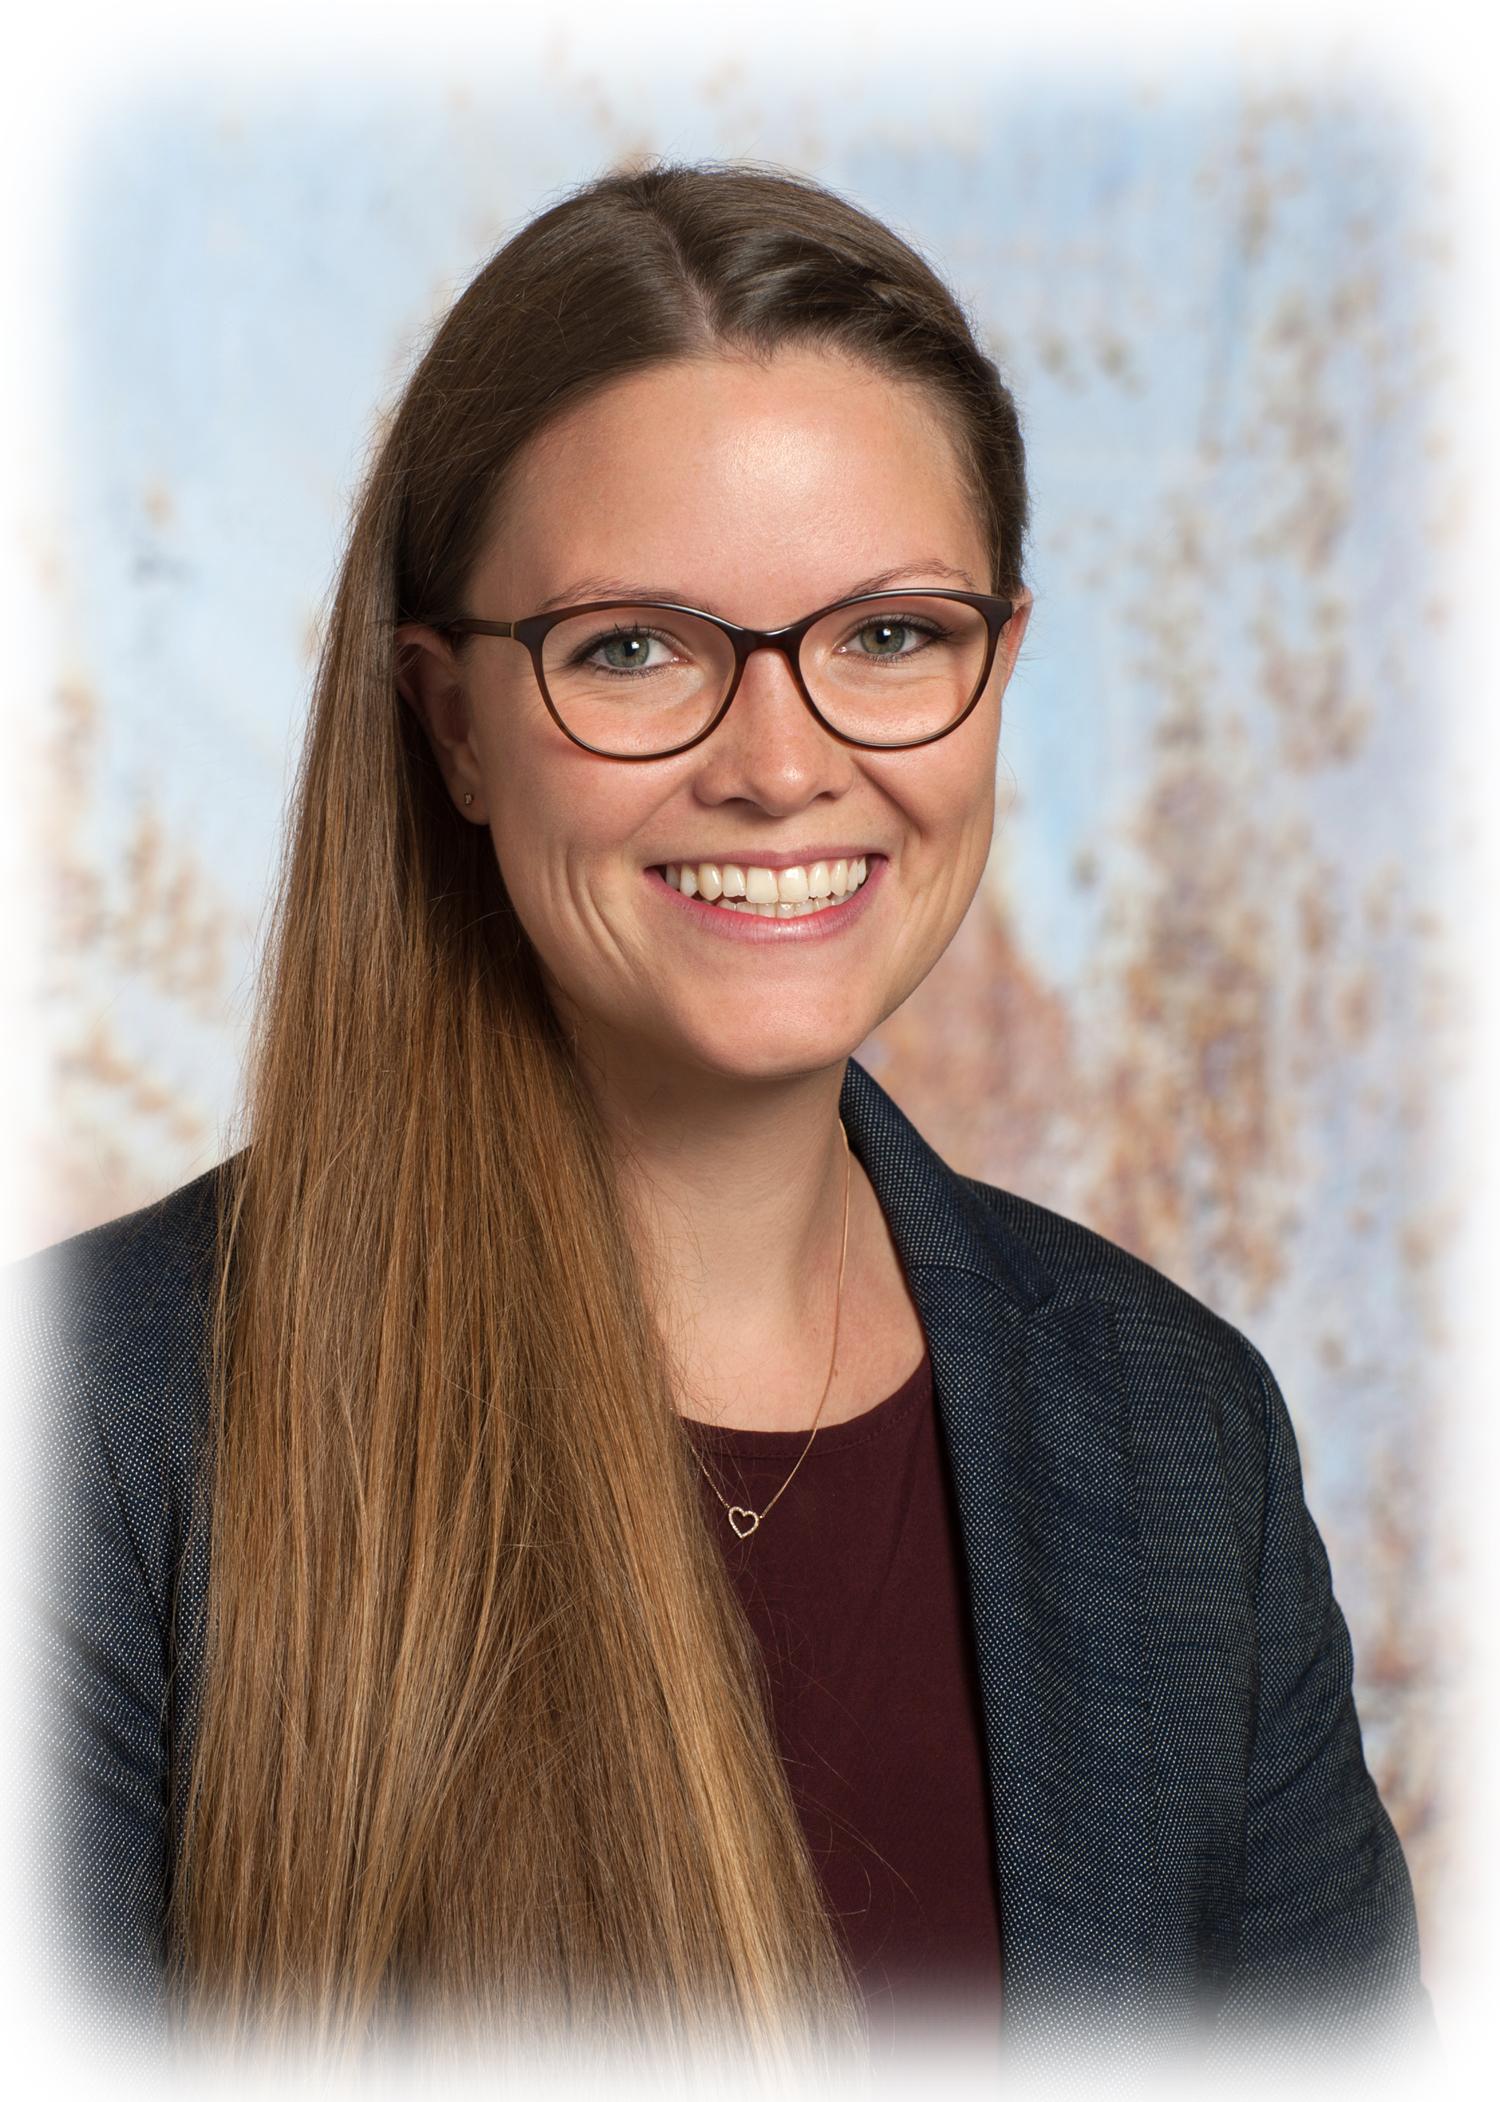 Anna Schachenhofer